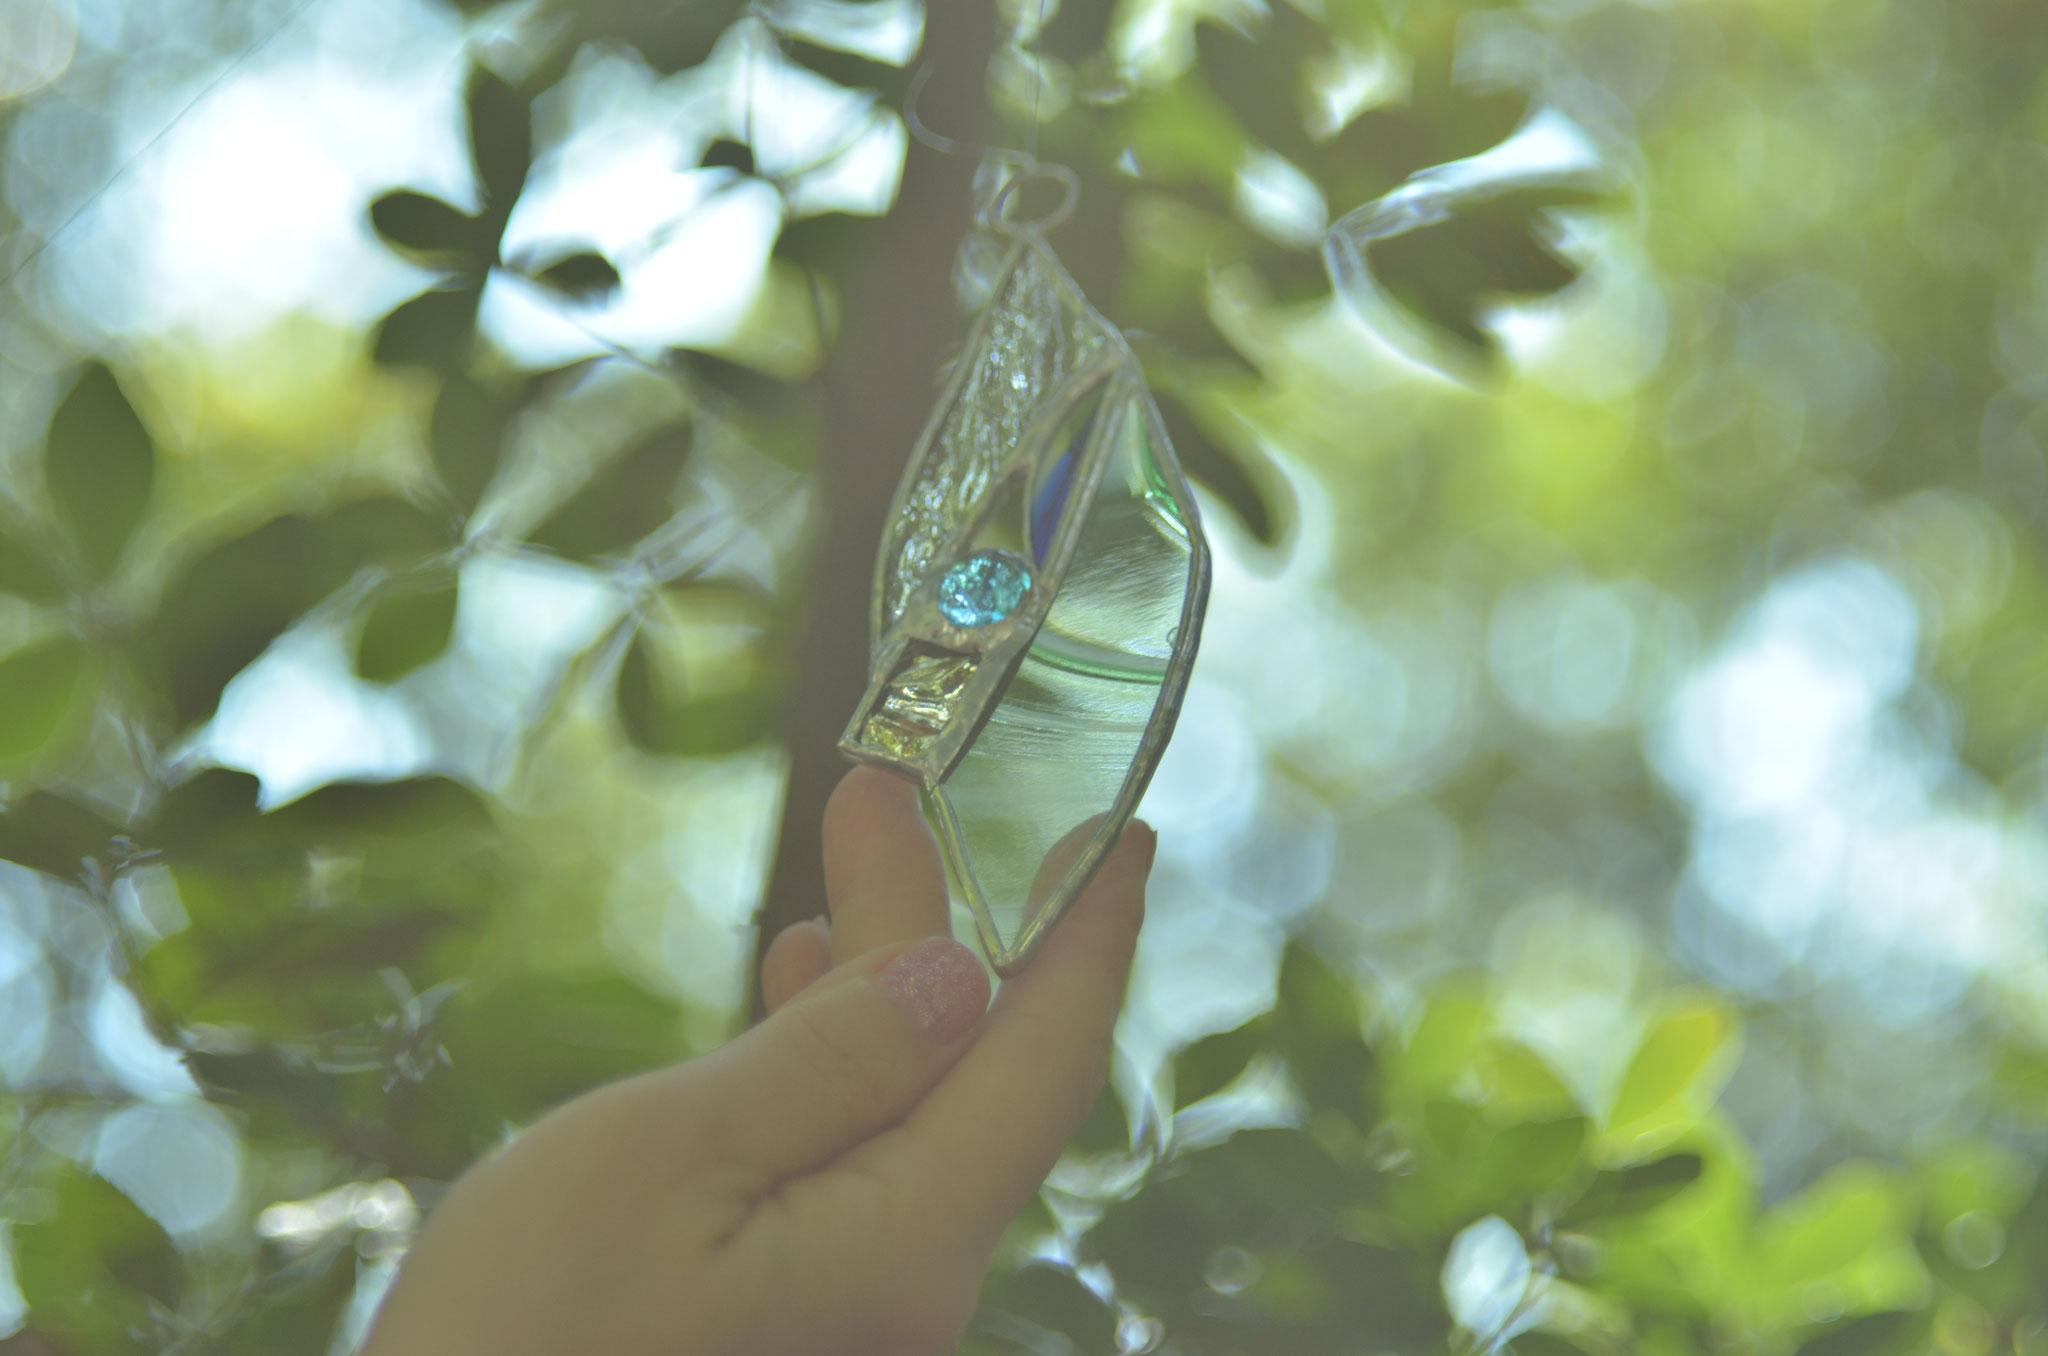 「日本の美」テーマの作品映像をクリックしてご覧いただけます